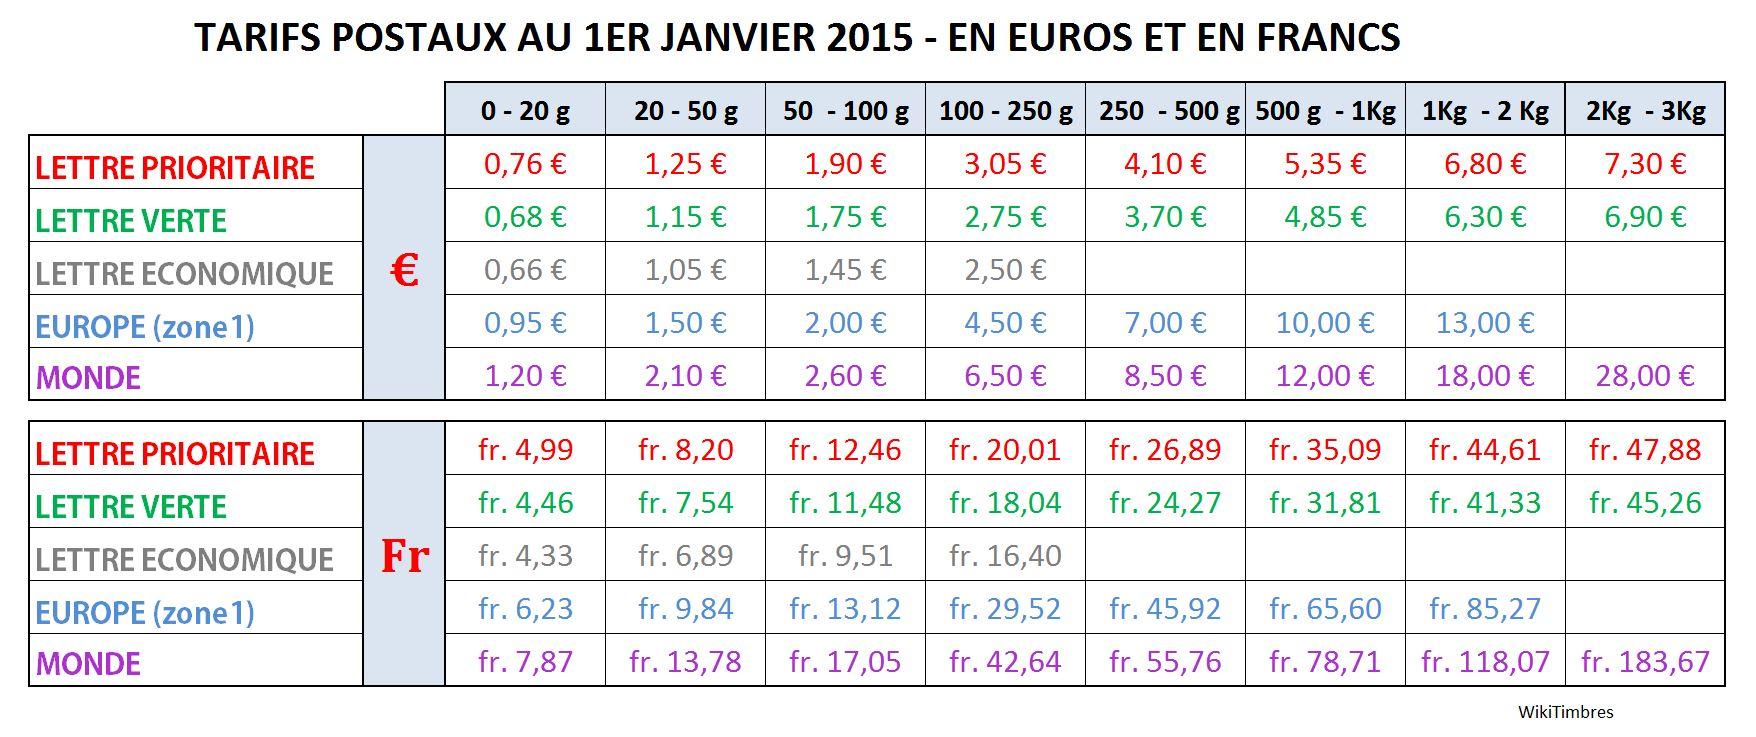 nouveaux tarifs postaux 2015 en euros et en francs pour t l charger clic droit enregister. Black Bedroom Furniture Sets. Home Design Ideas